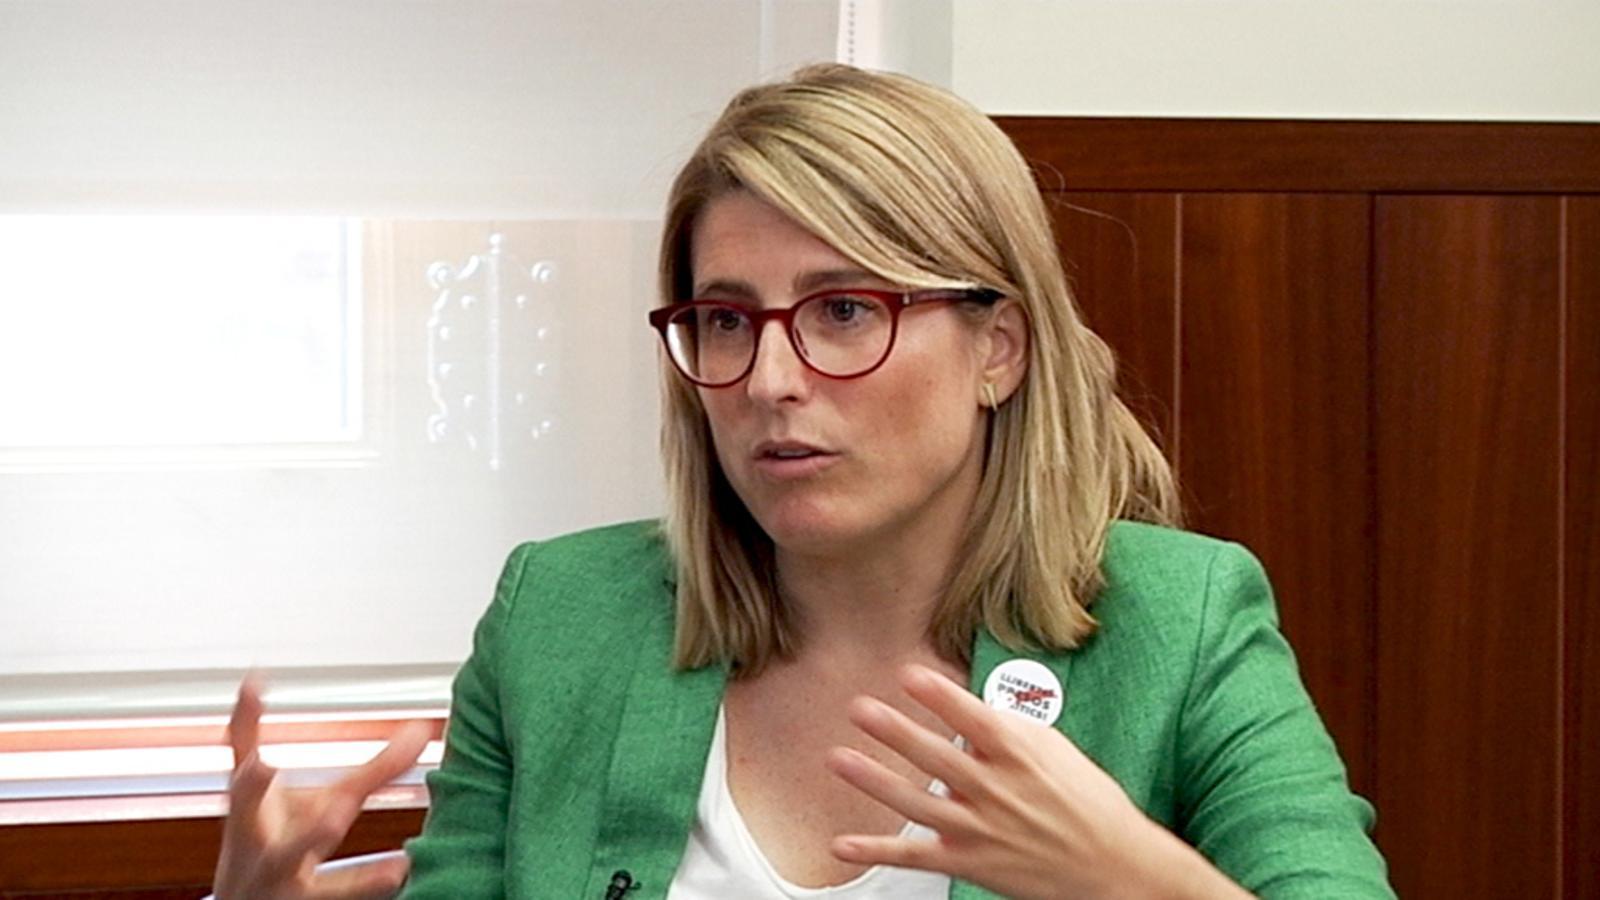 """Elsa Artadi: """"Volem construir un país millor fent les polítiques i donant la veu al poble, no ho veig contradictori"""""""